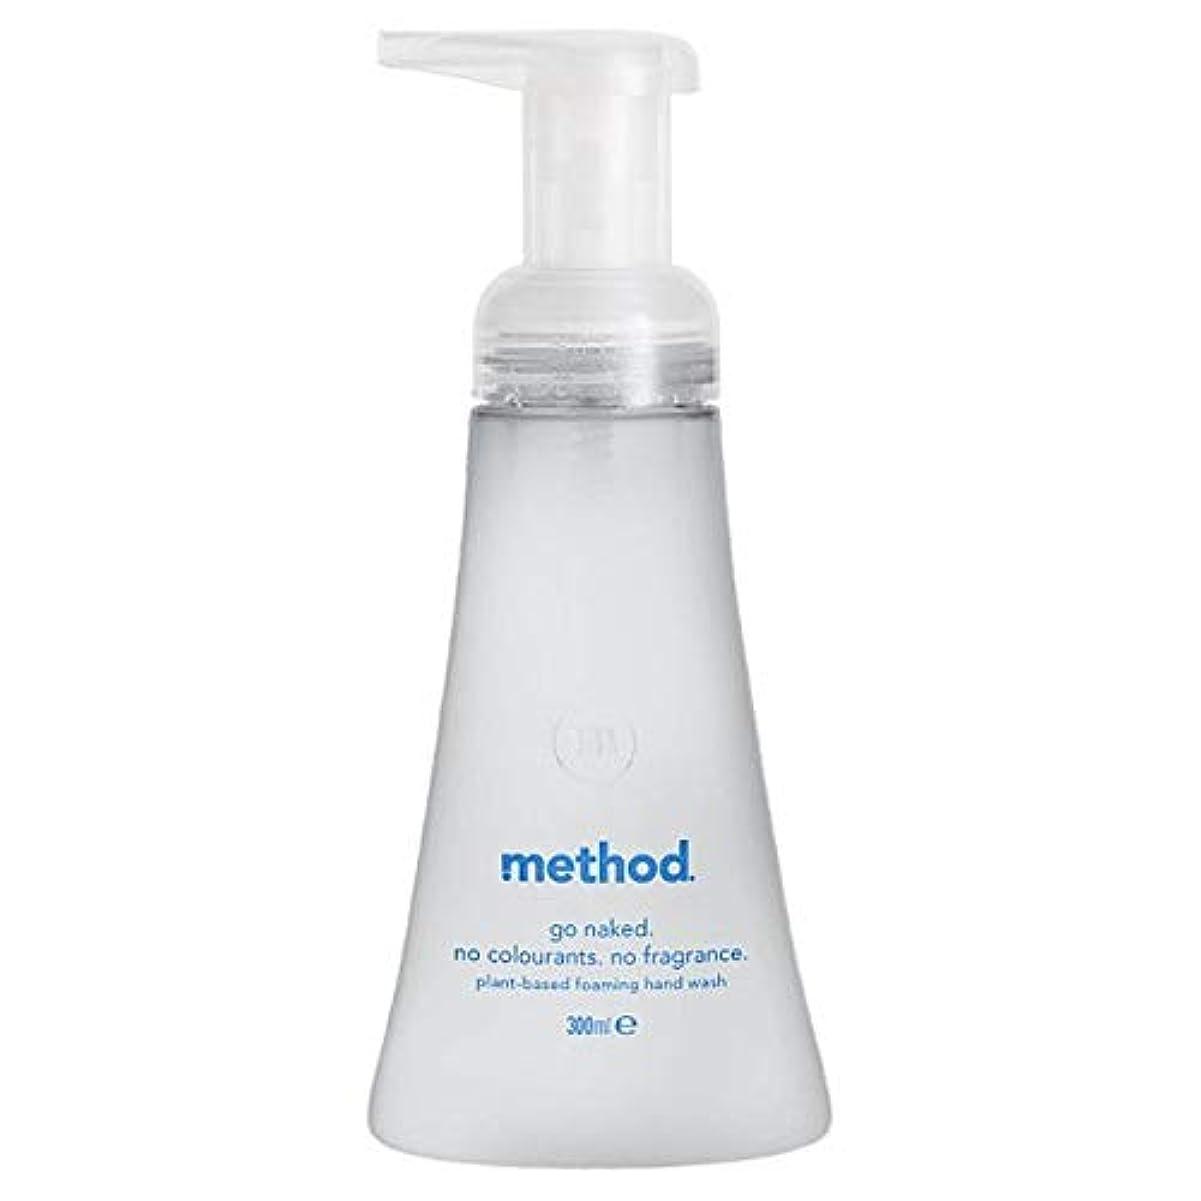 適応する疼痛回転する[Method ] メソッド裸発泡手洗いの300ミリリットル - Method Naked Foaming Handwash 300Ml [並行輸入品]